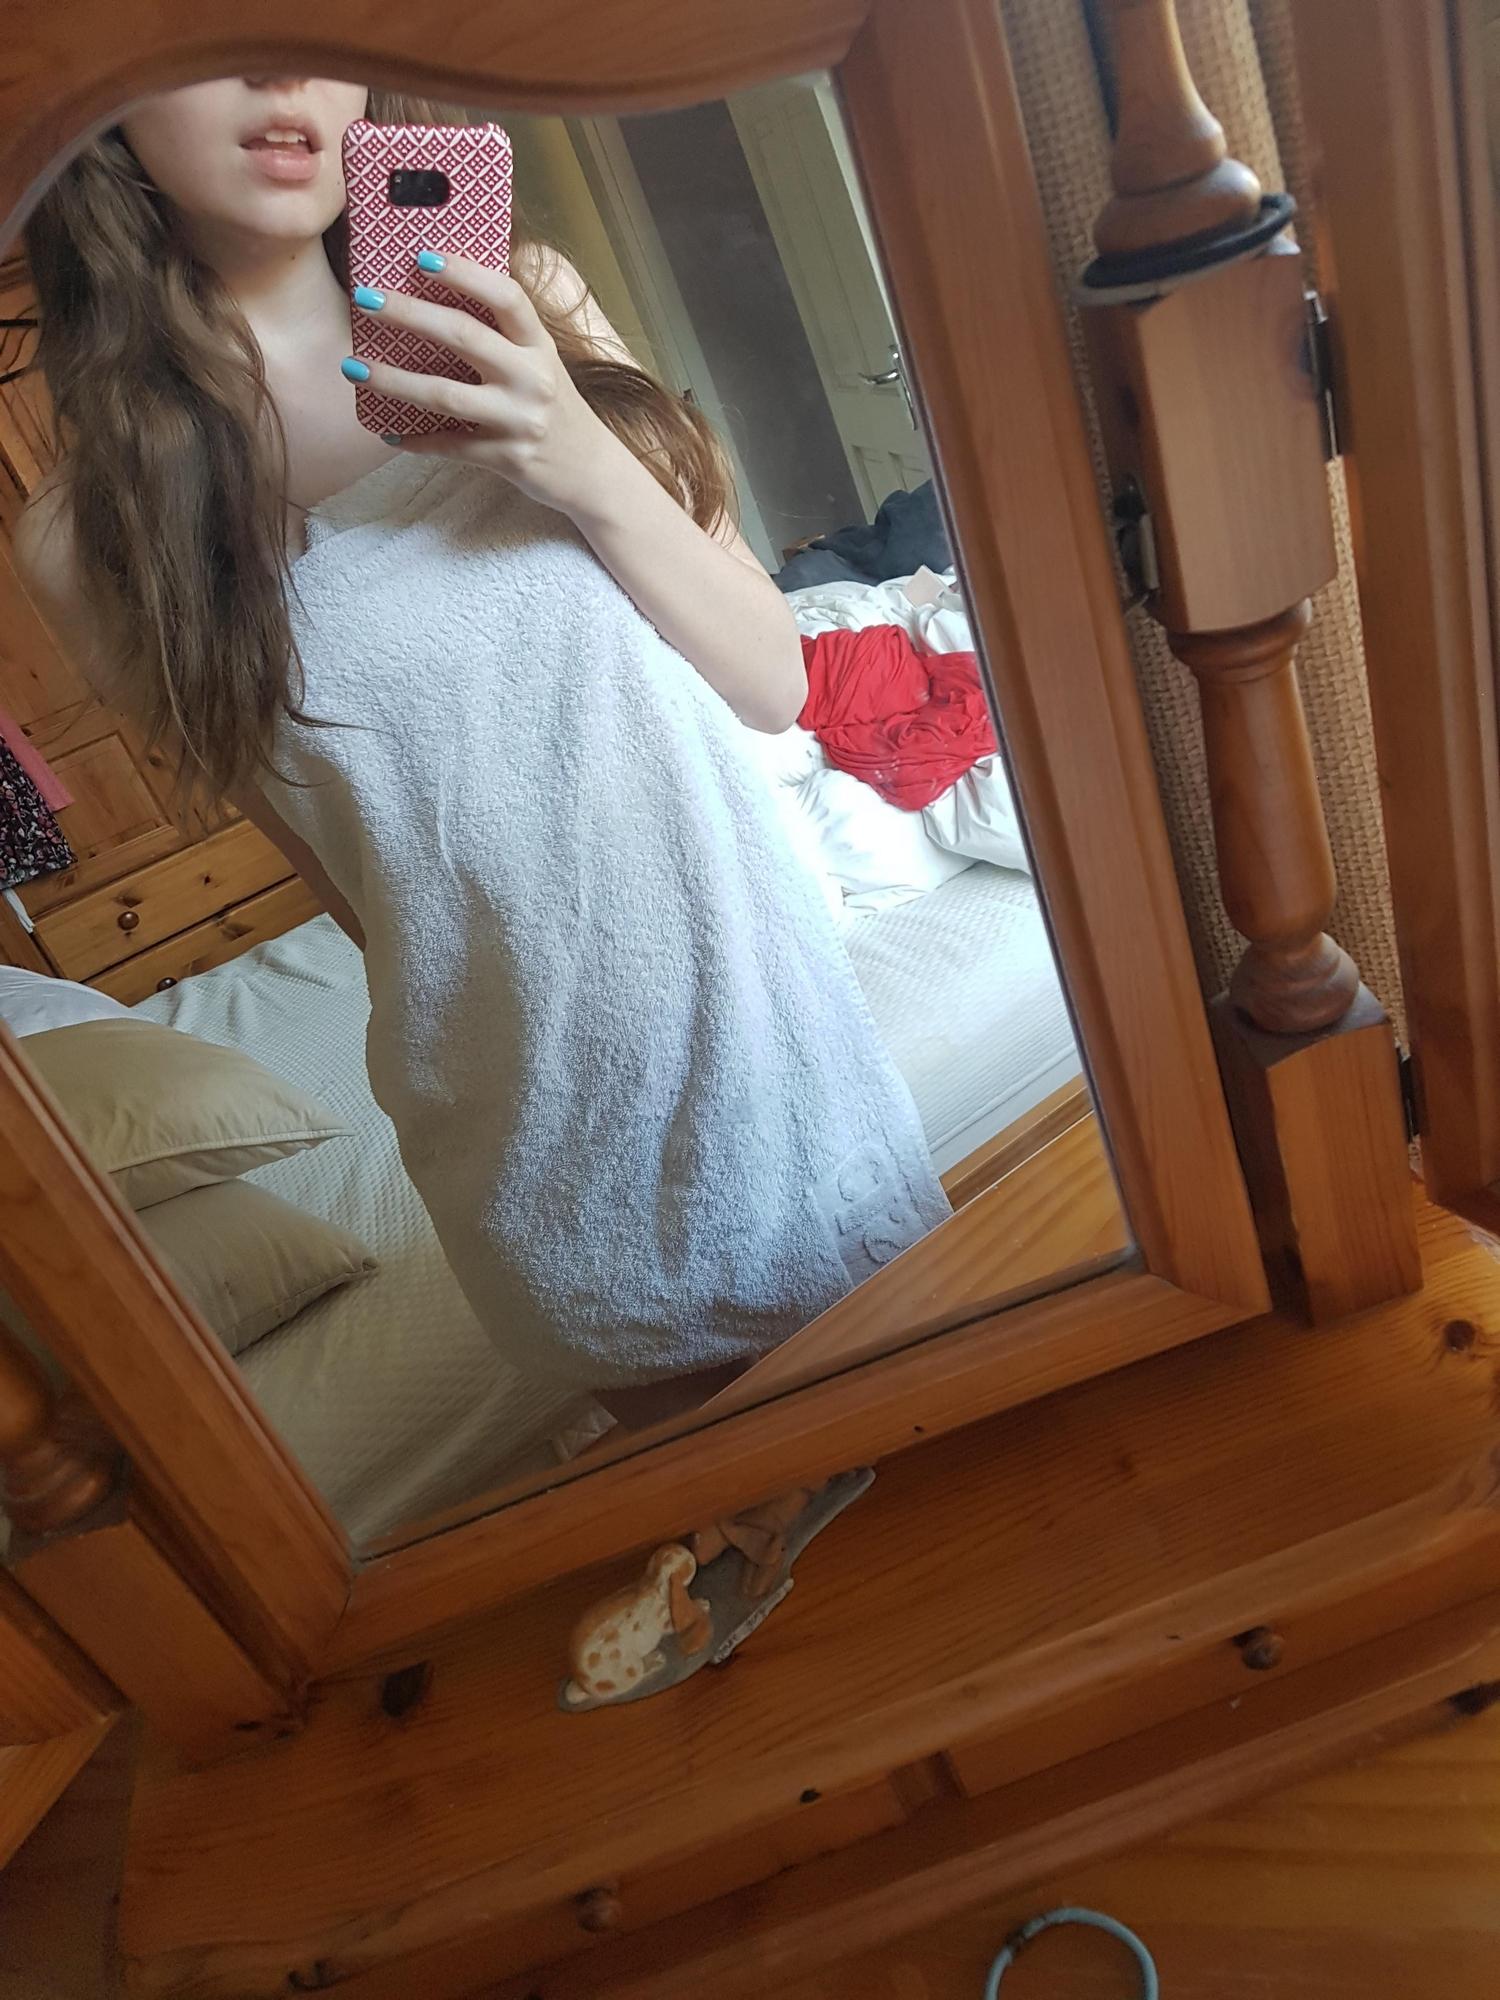 Эротические селфи стройной американки с натуральными сиськами 3 размера секс фото и порно фото